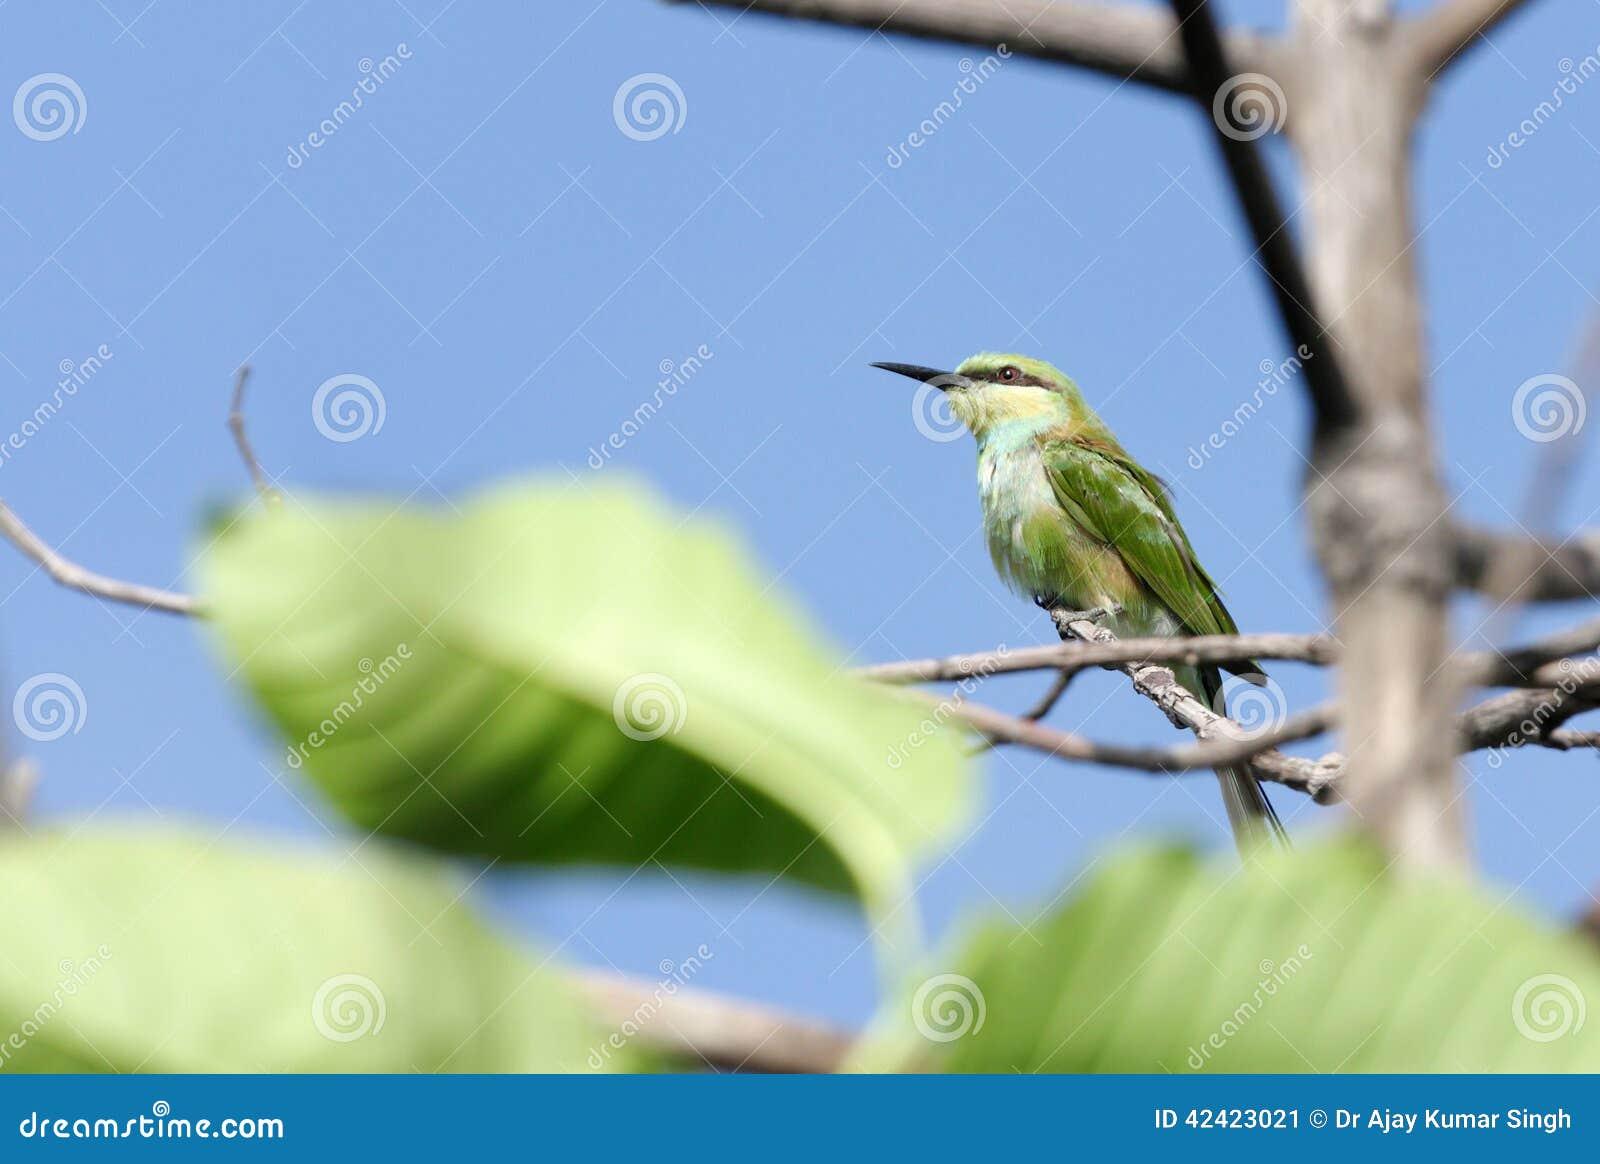 Een groene bea-eter binnen de bladeren